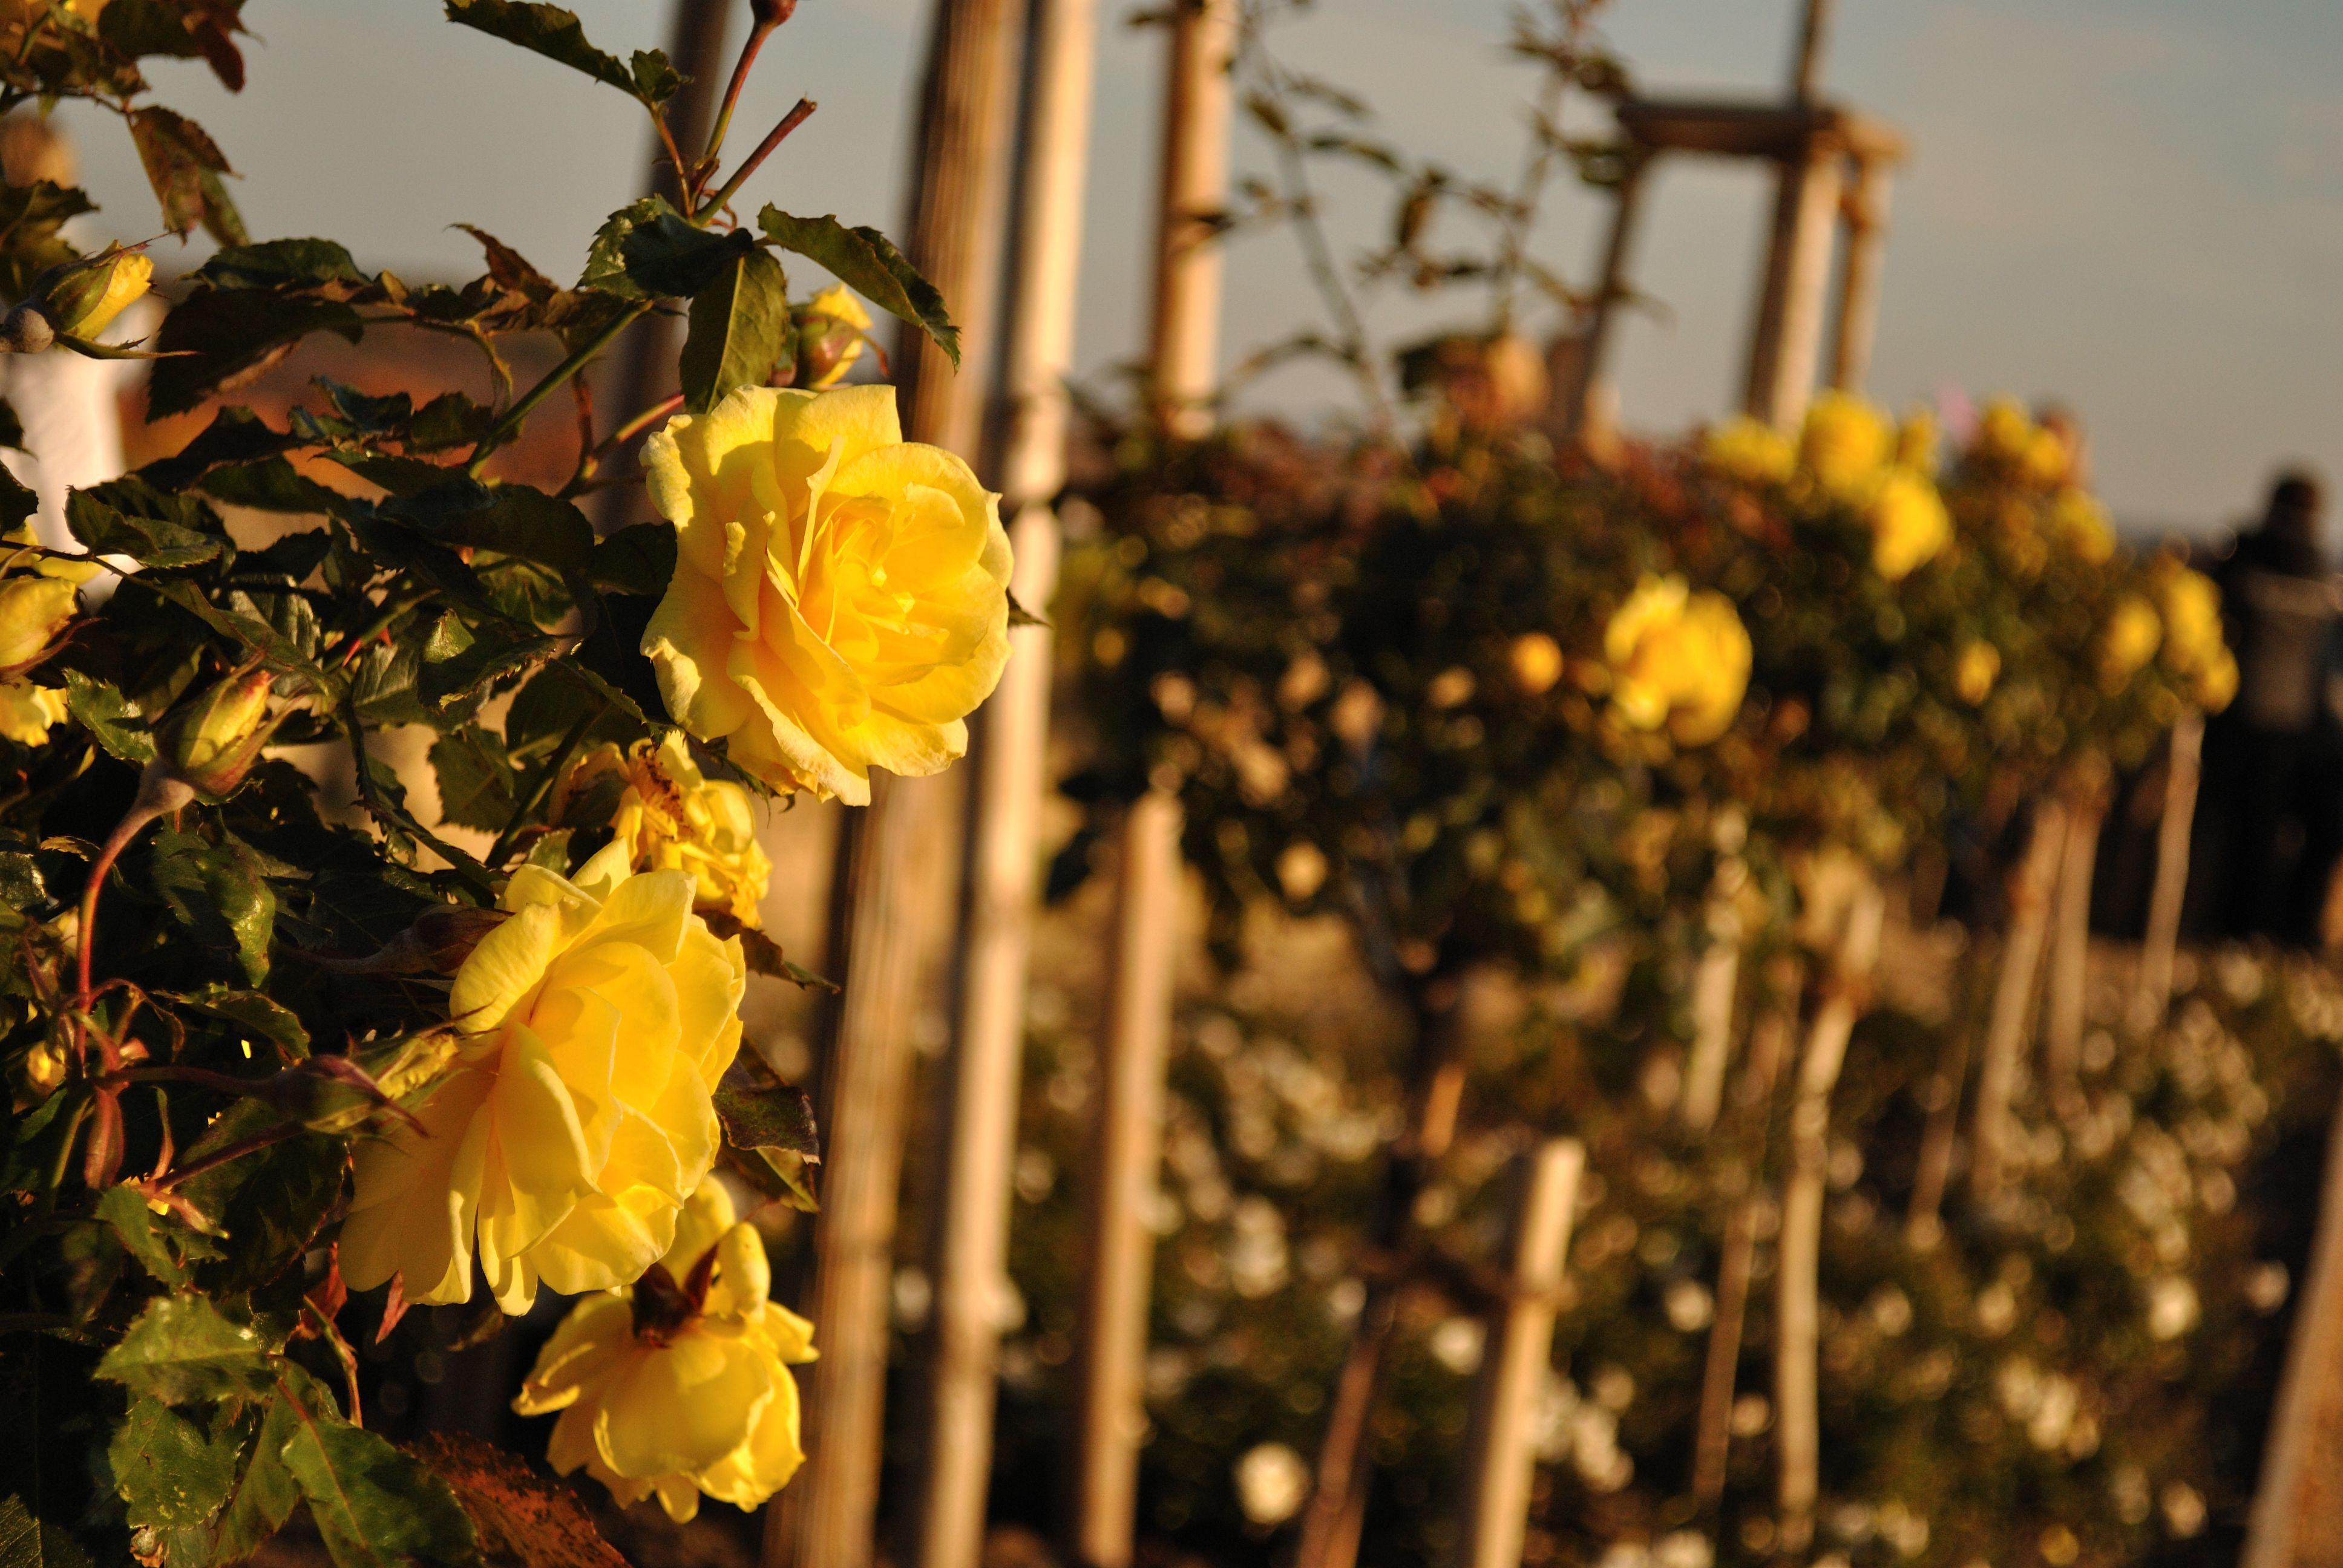 картинки на рабочий стол розы штамбовые даруемая